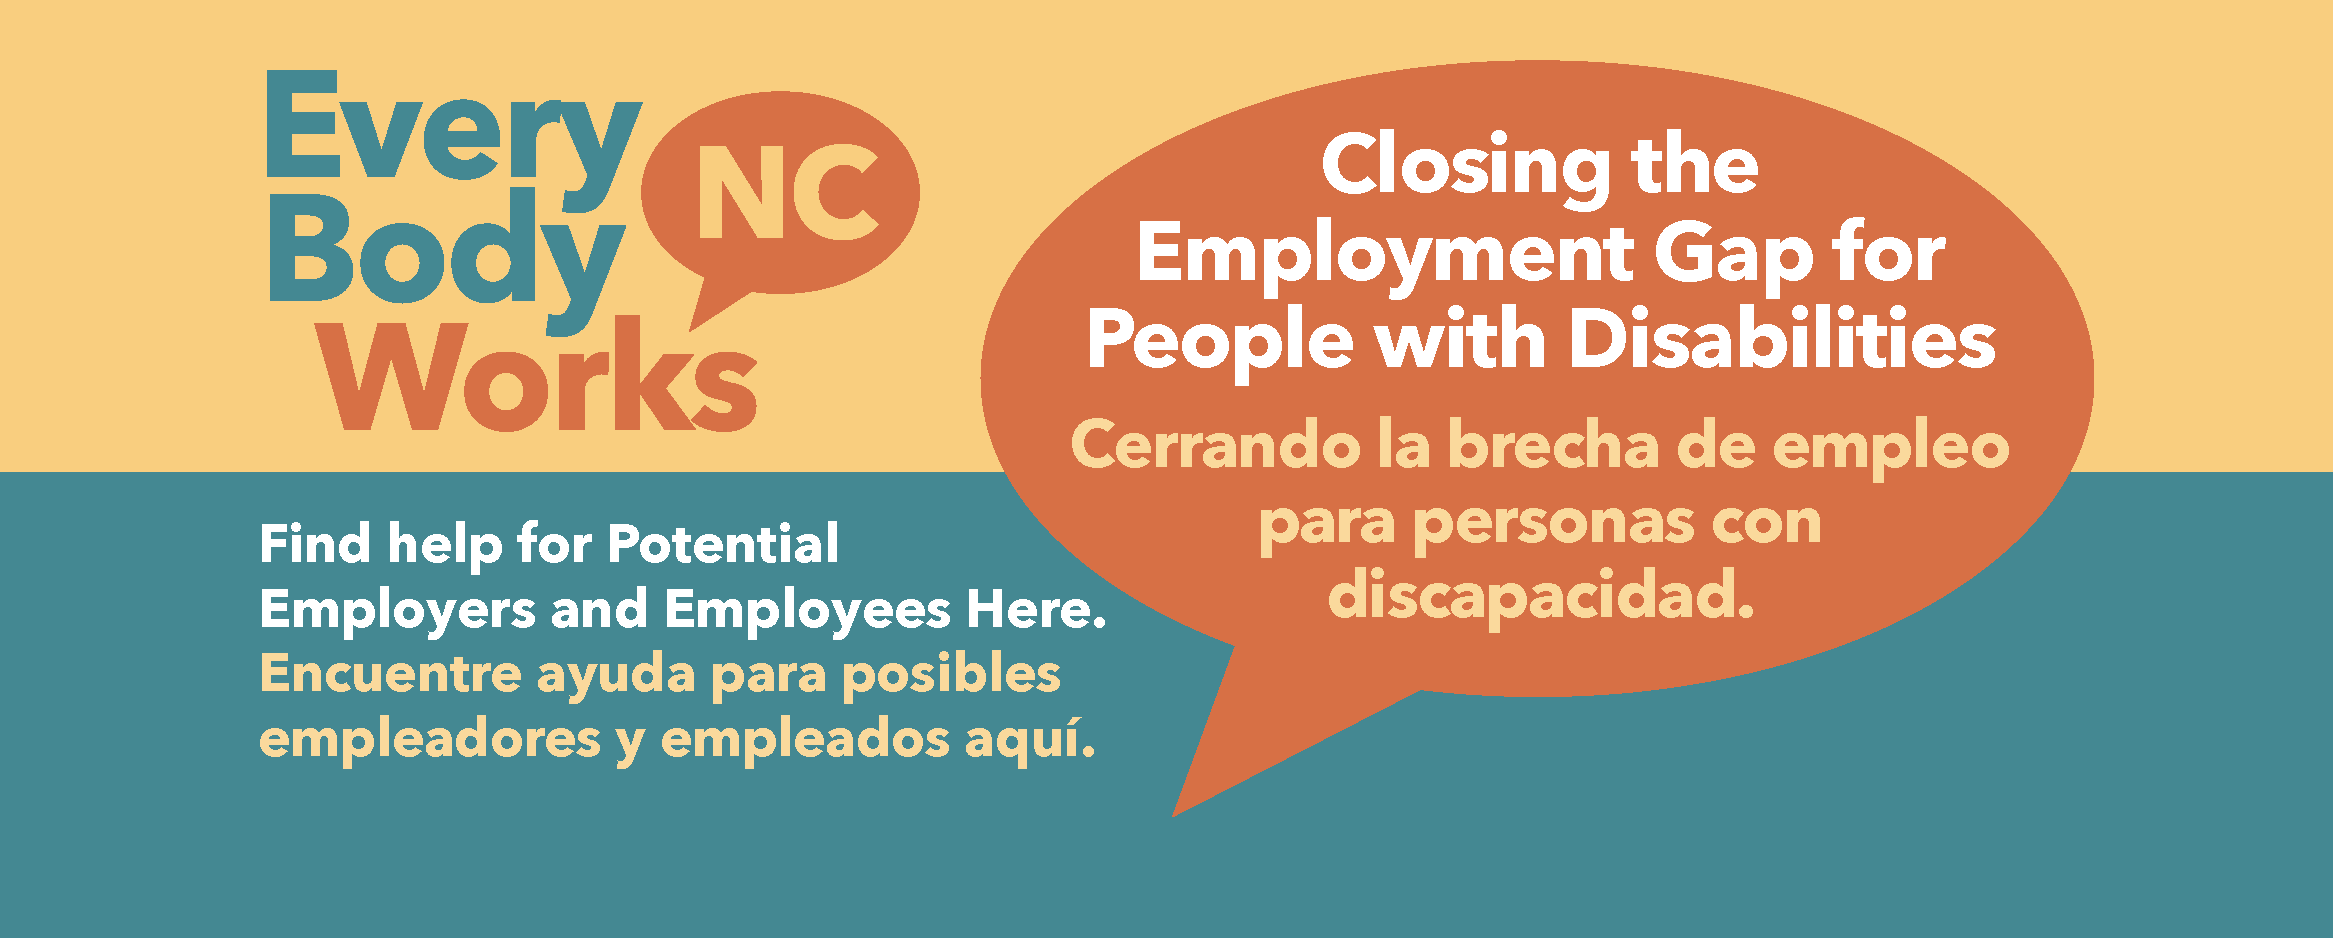 EveryBody Works NC - Closing the Employment Gap for People with Disabilities Cerrando la brecha de empleo para personas con discapacidad.